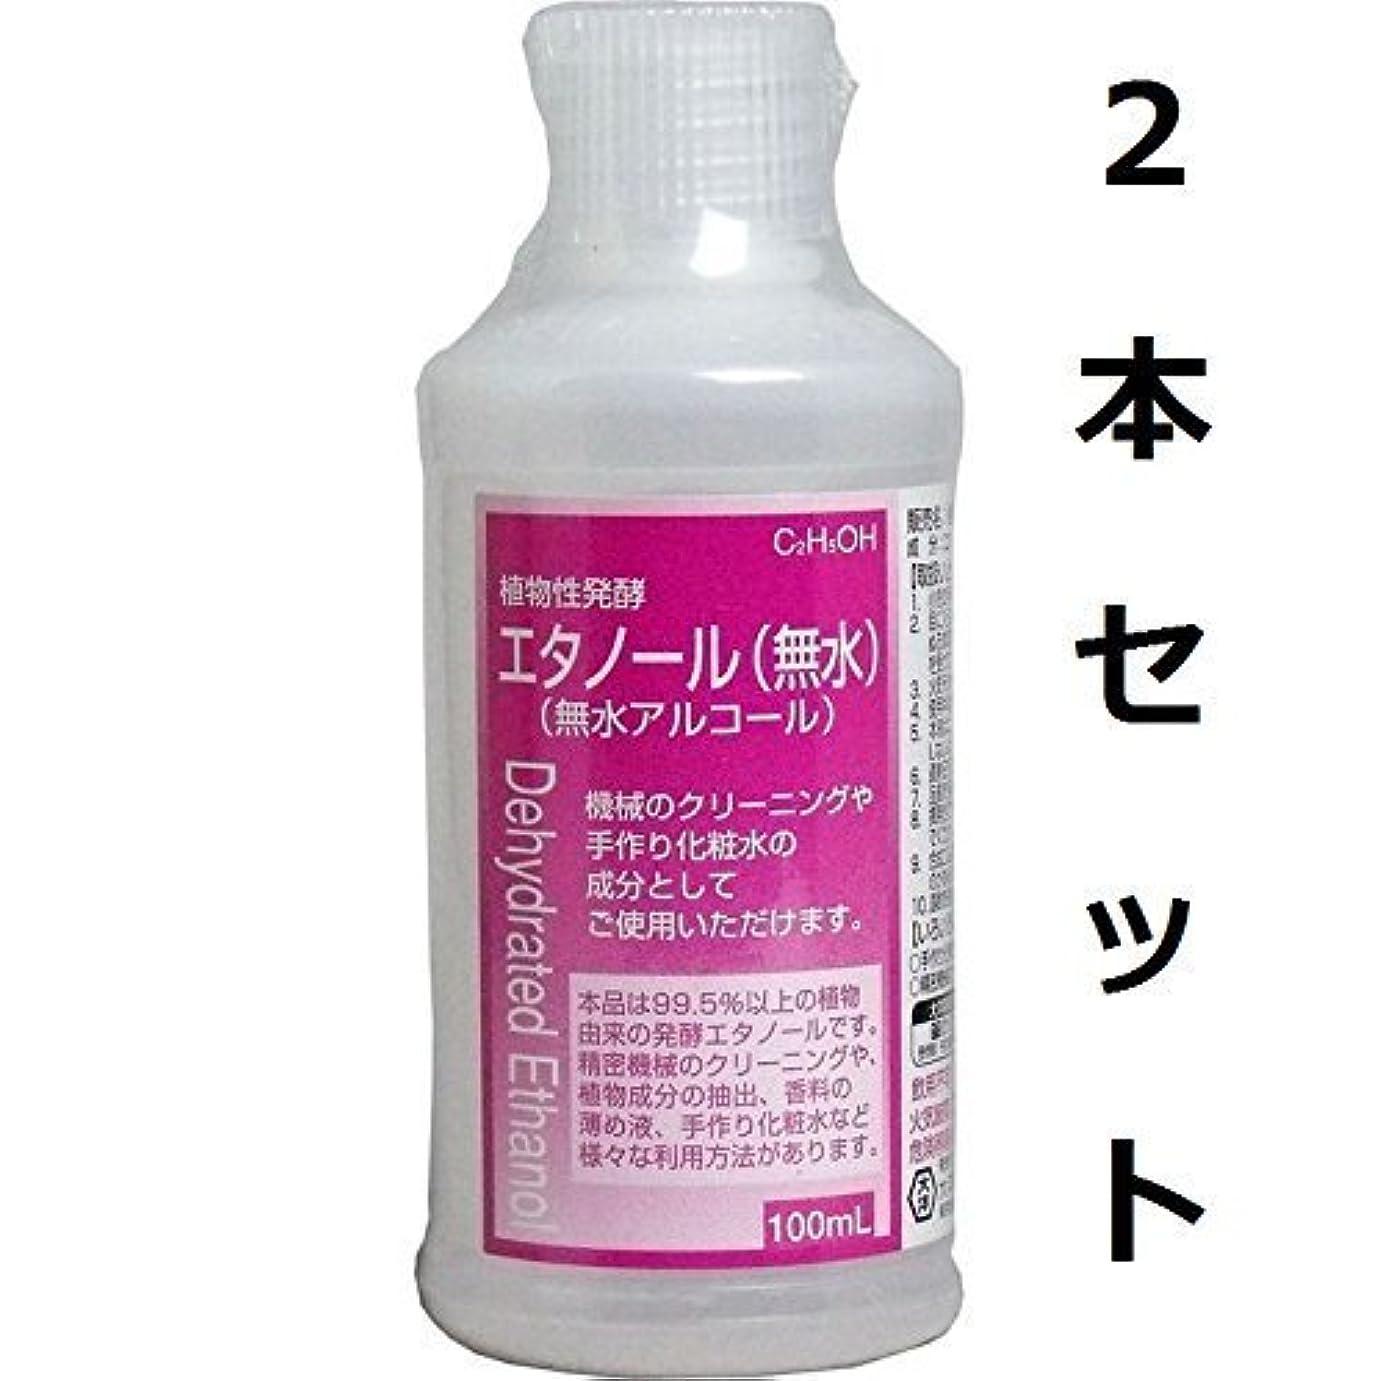 現代ダンプベーカリー香料の薄め液に 植物性発酵エタノール(無水エタノール) 100mL 2本セット by 大洋製薬